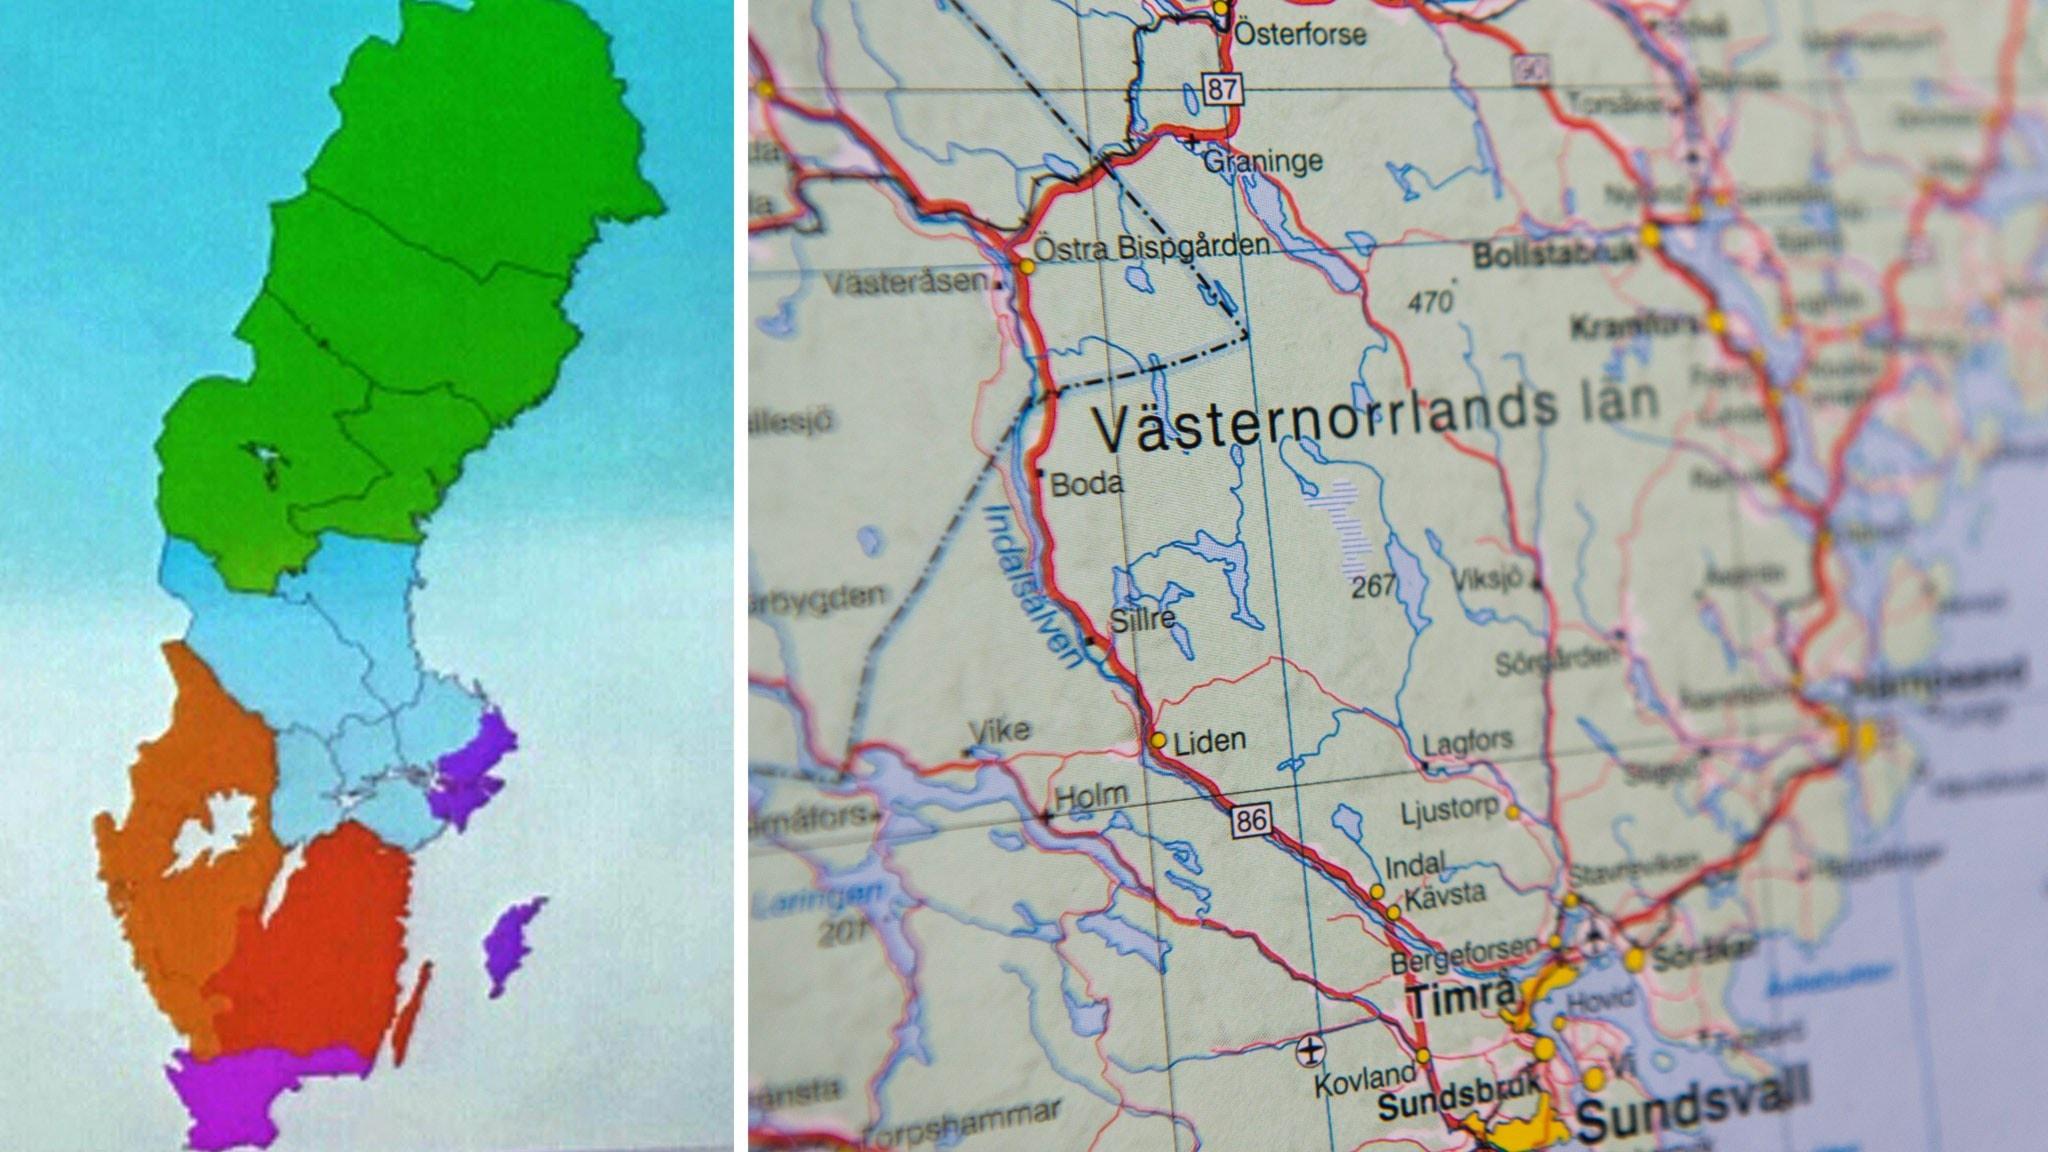 Karta Sverige Lansgranser.Norrland Spas Bli Forst Att Bilda Storregion Nyheter Ekot